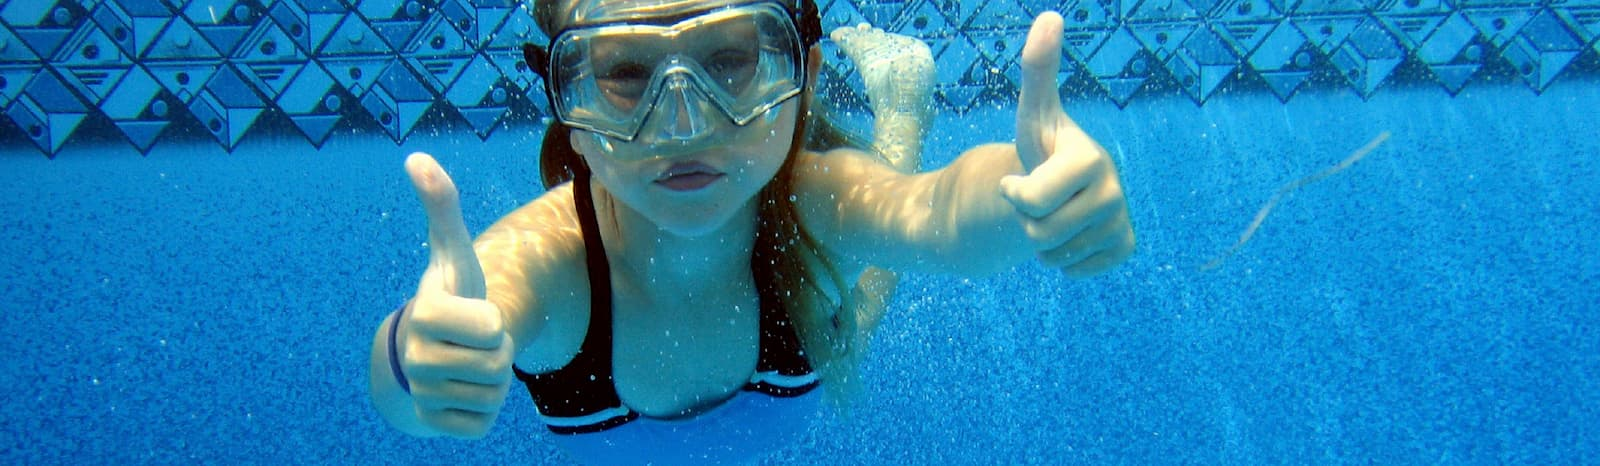 Girl Swimming in Pool - Alto Pacific Sunshine Coast